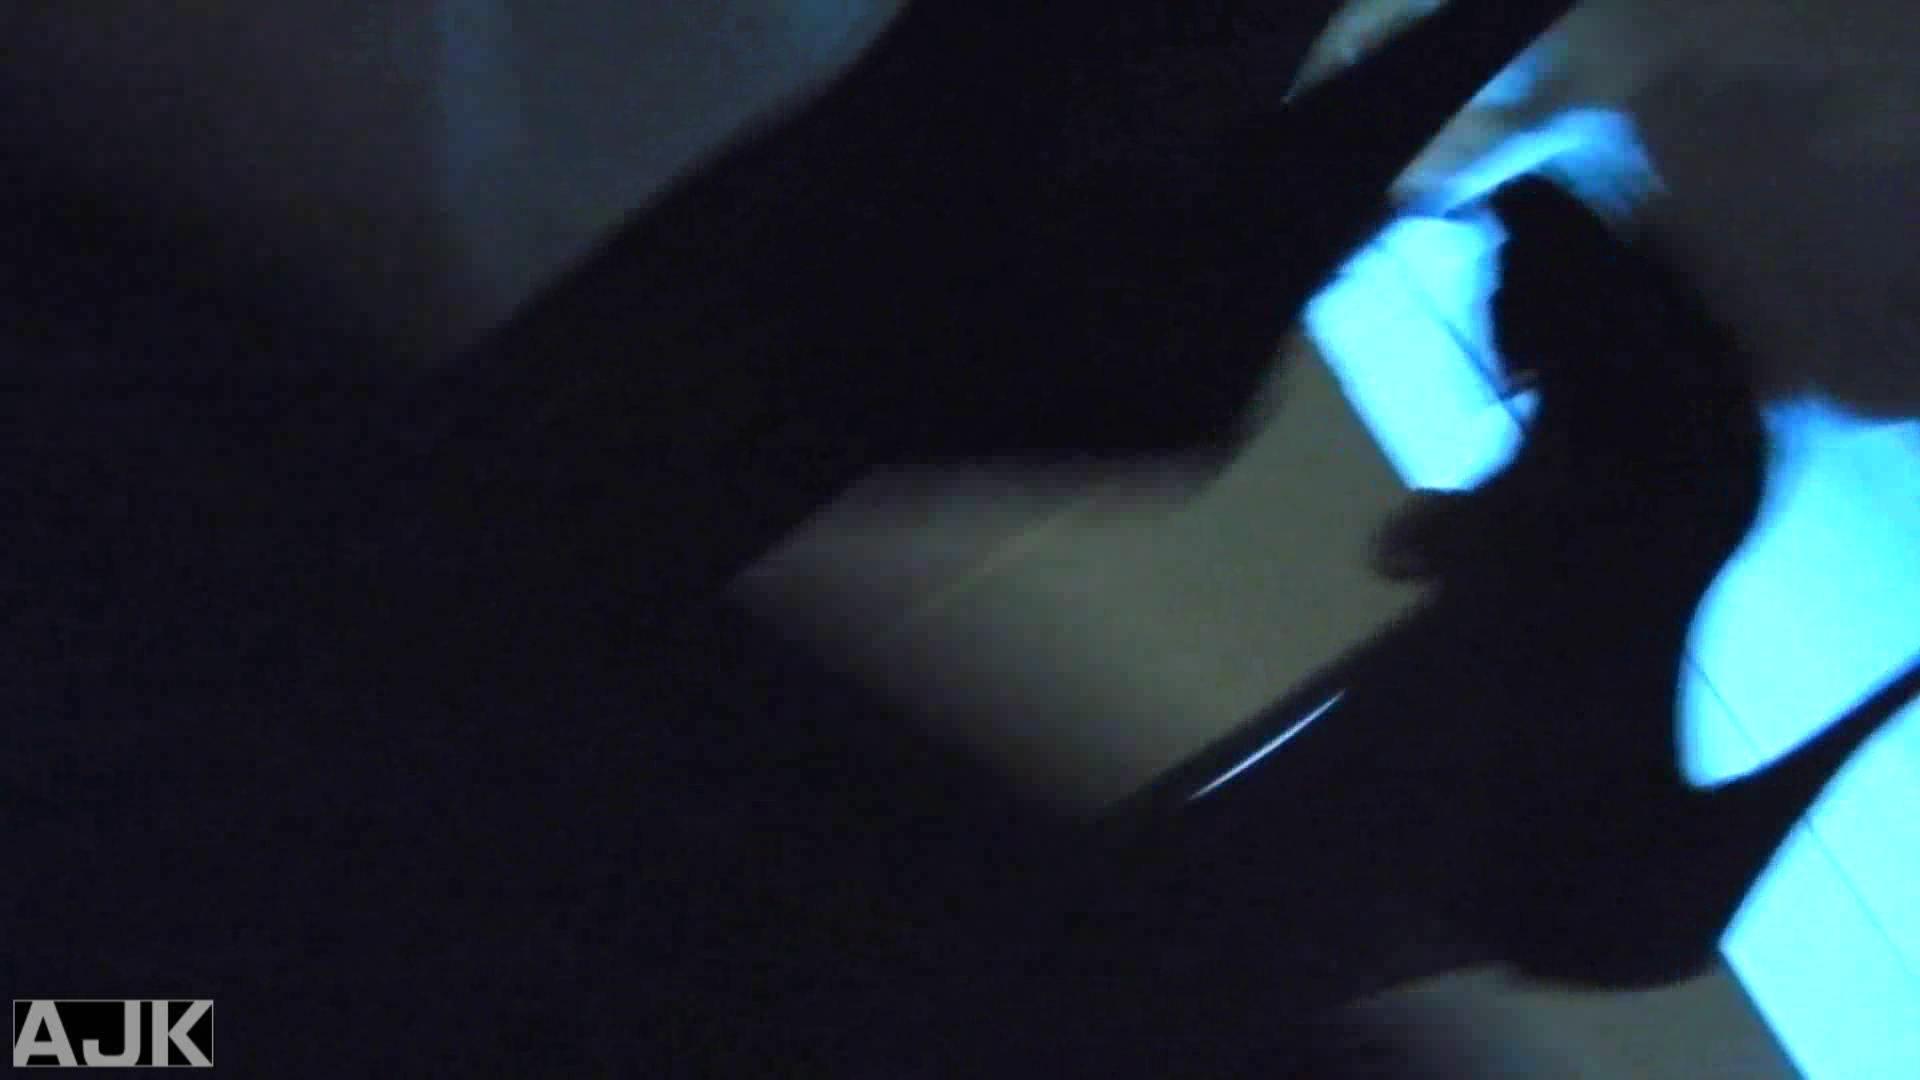 隣国上階級エリアの令嬢たちが集うデパートお手洗い Vol.23 オマンコ大好き 性交動画流出 97画像 82